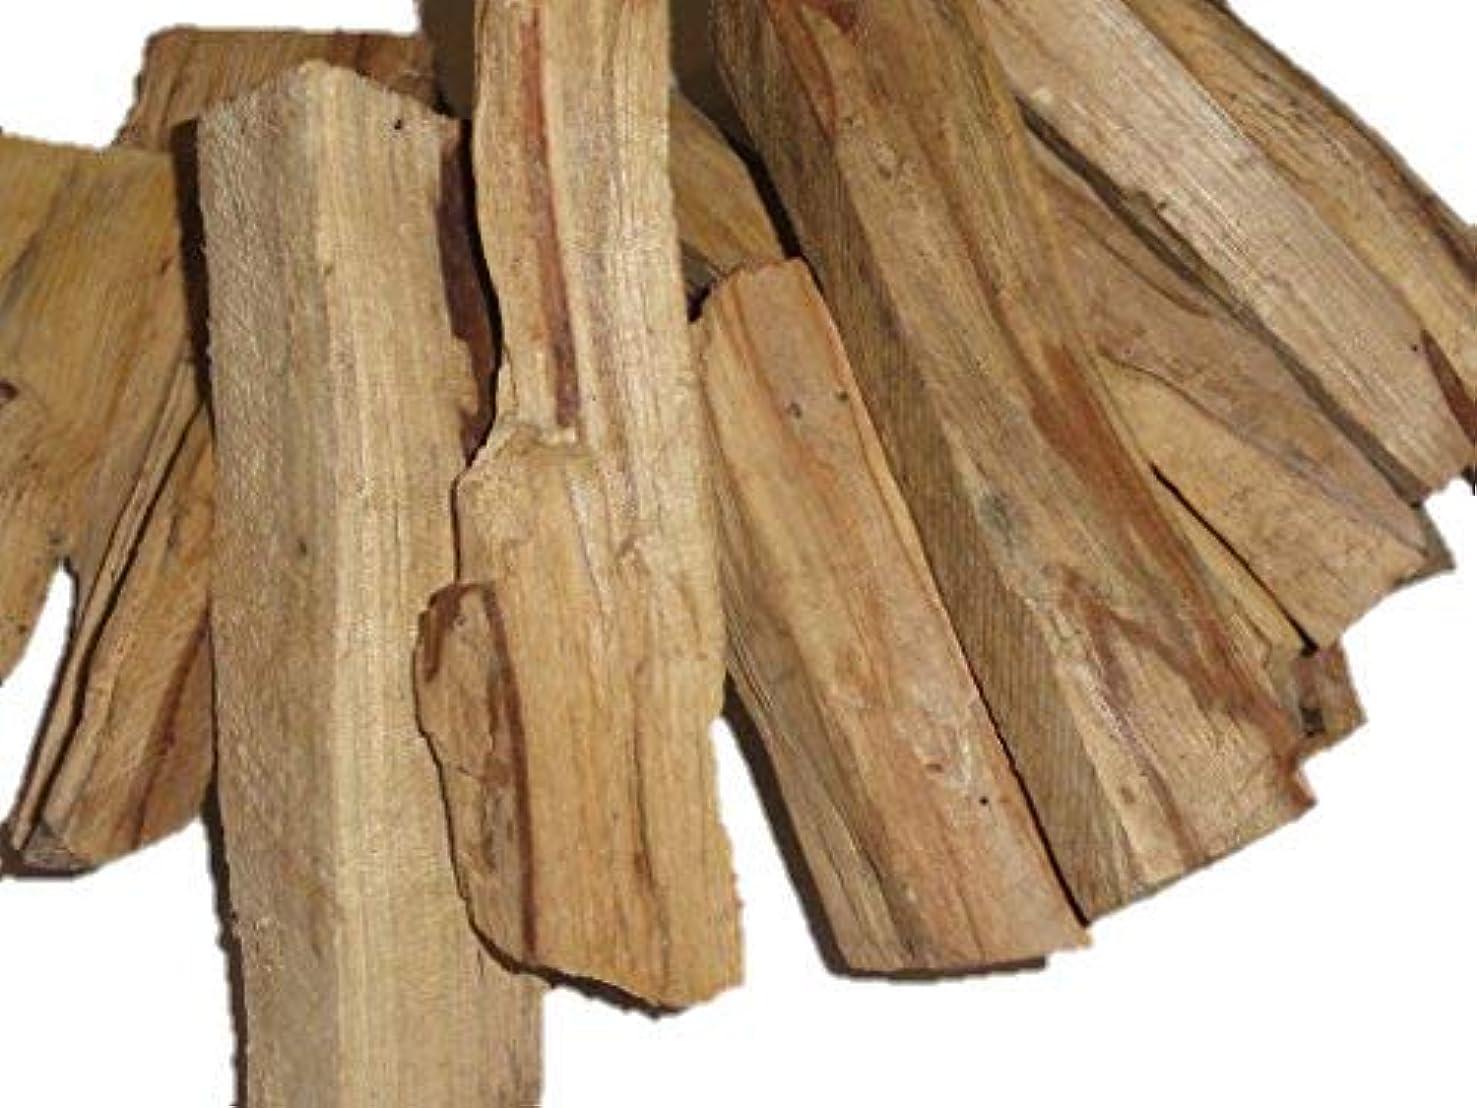 の中で私達アンドリューハリディsterlingclad Palo Santo 2ポンドバルクパッケージ、最もプレミアム倫理的harvestedペルーHoly木製。 2 pounds ブラウン